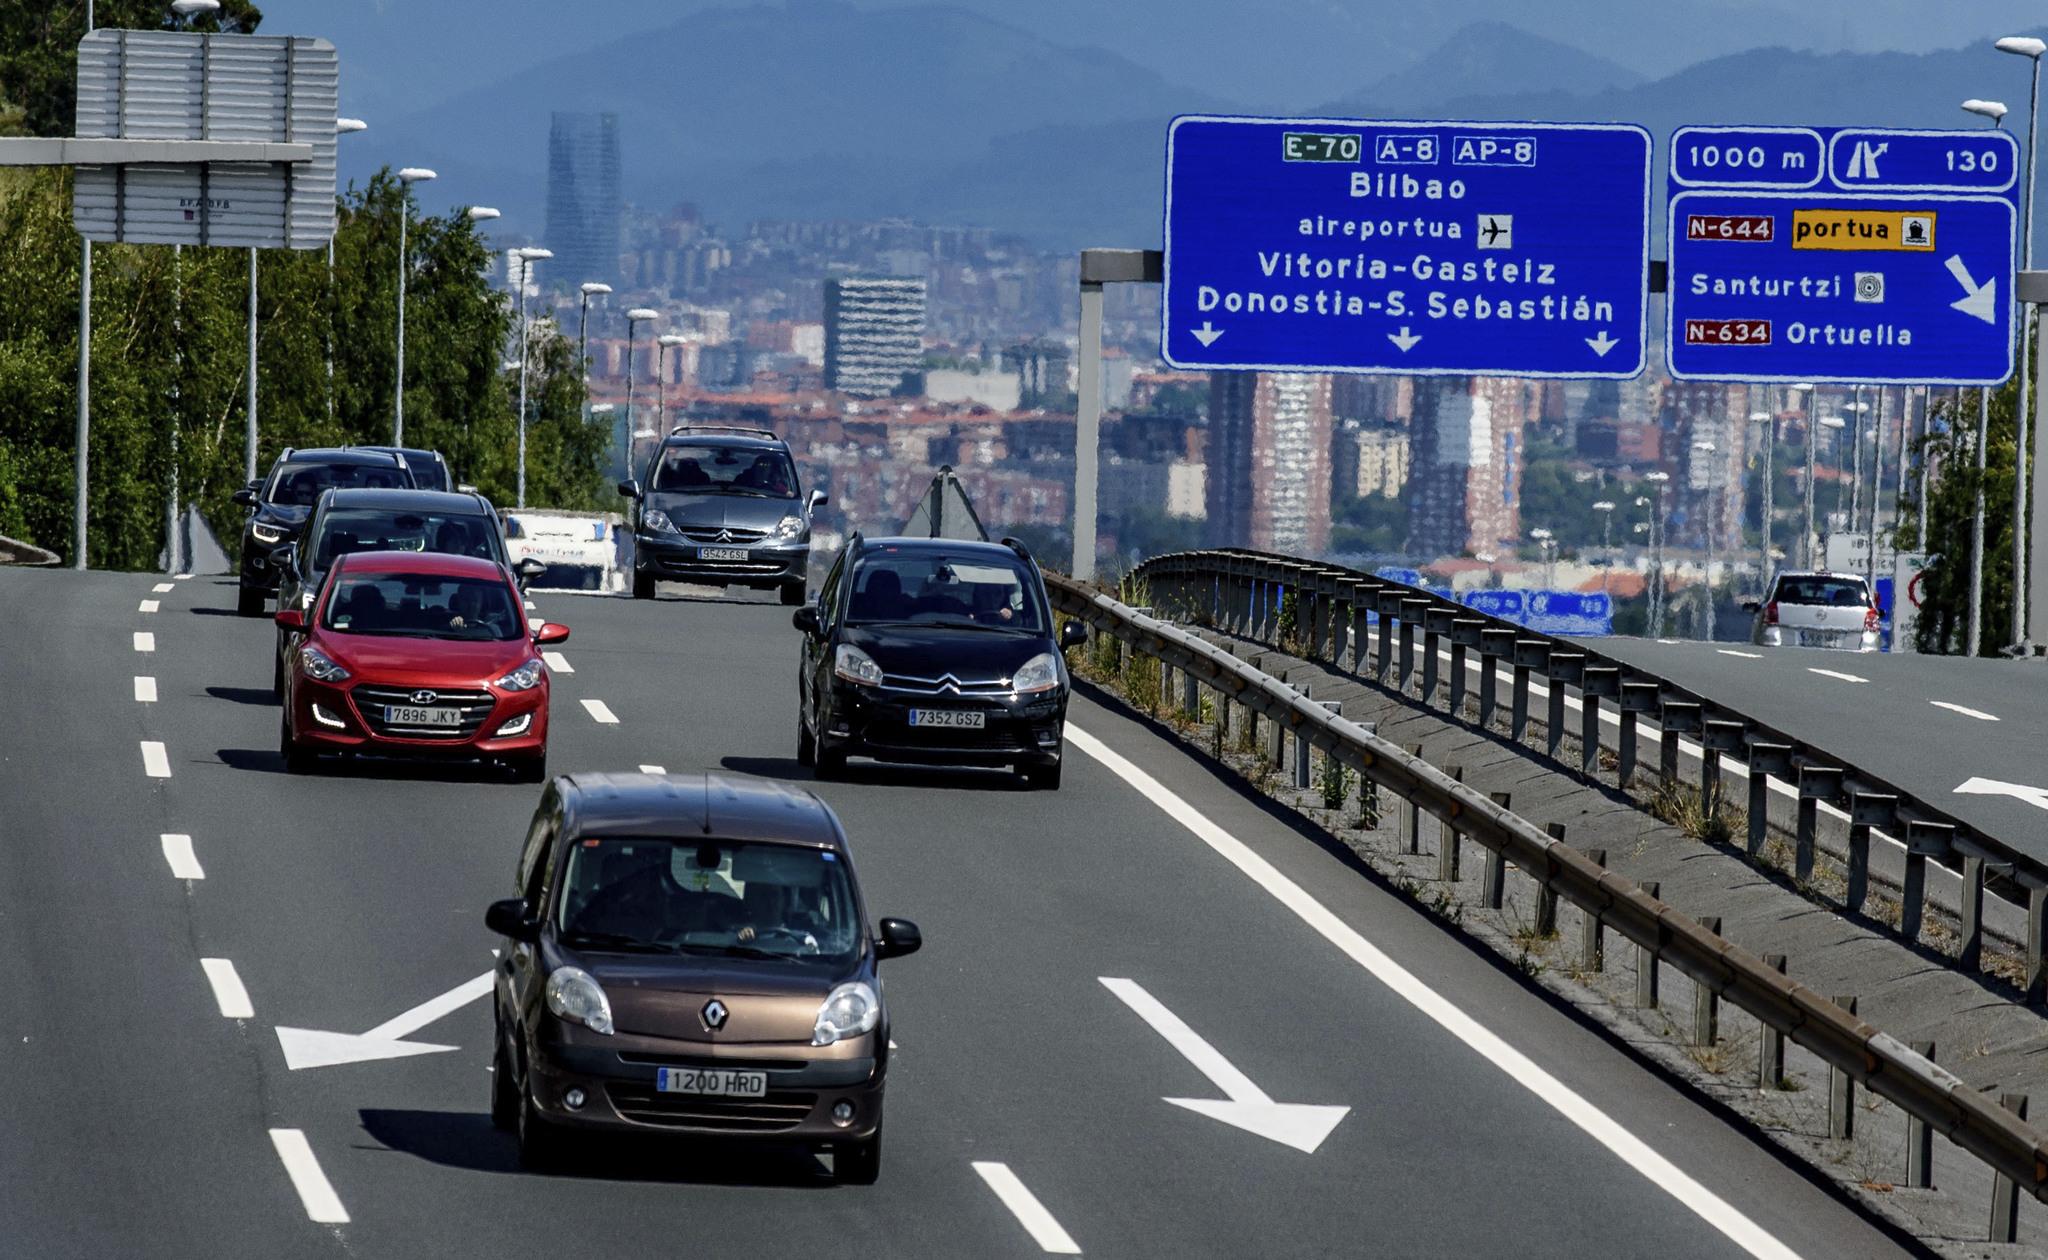 Autovía A8 a su paso por Vizcaya